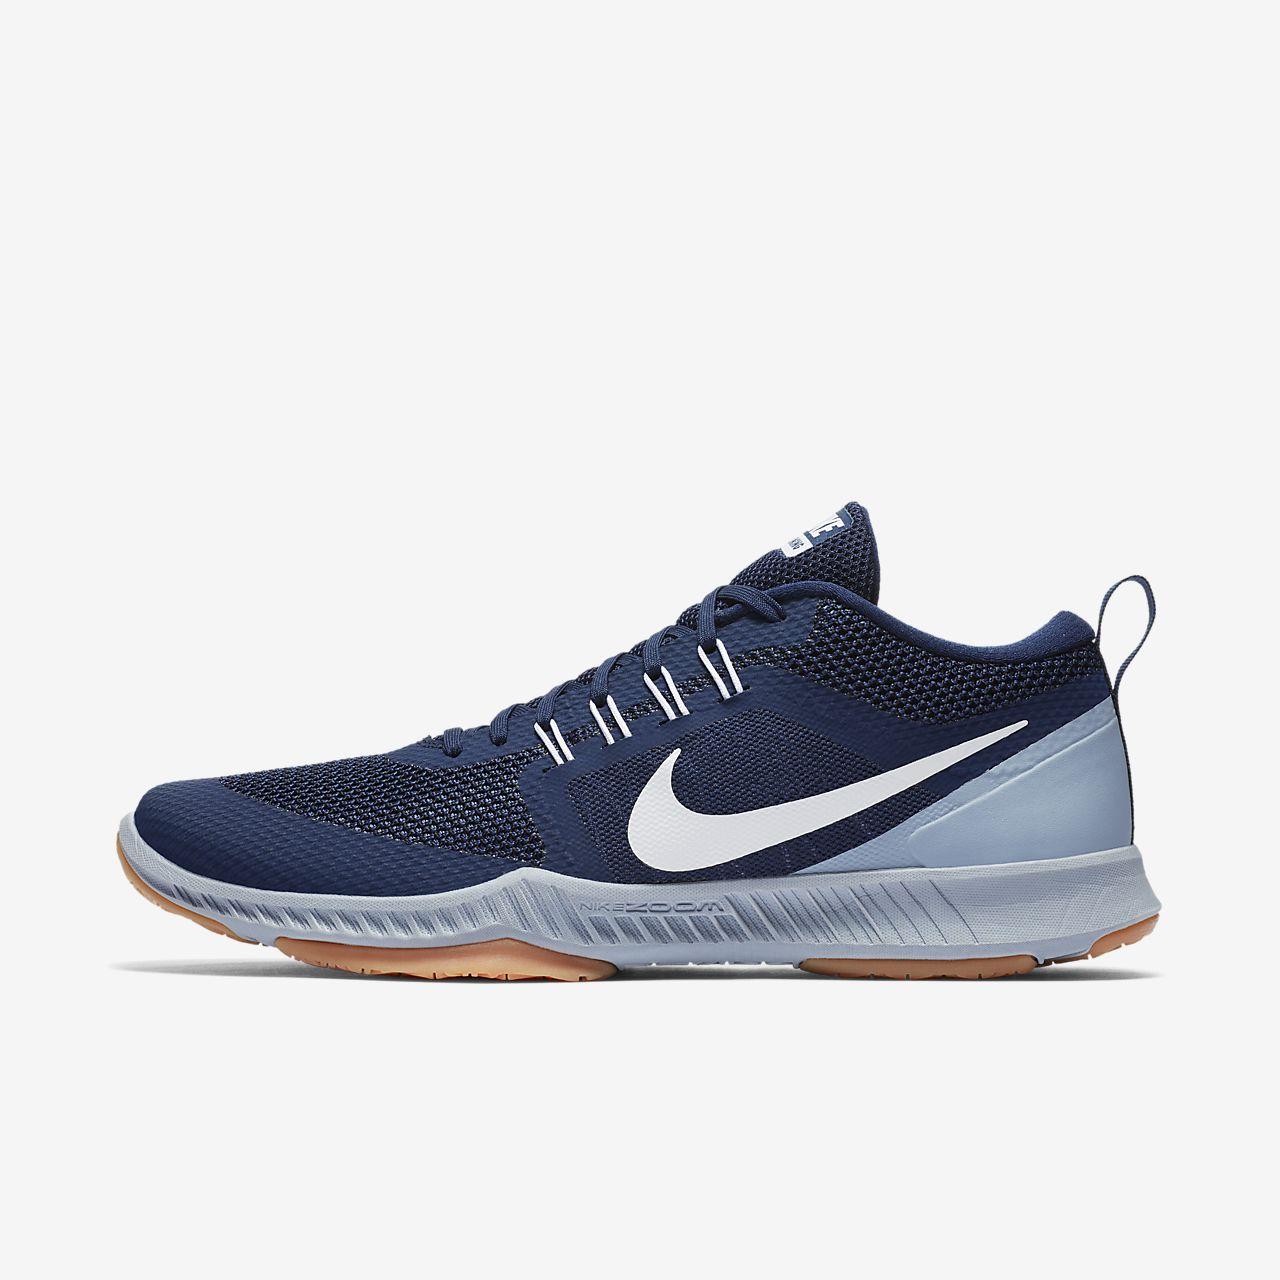 buy popular d478f ea52d Nike Zoom Domination Herren-Trainingsschuh